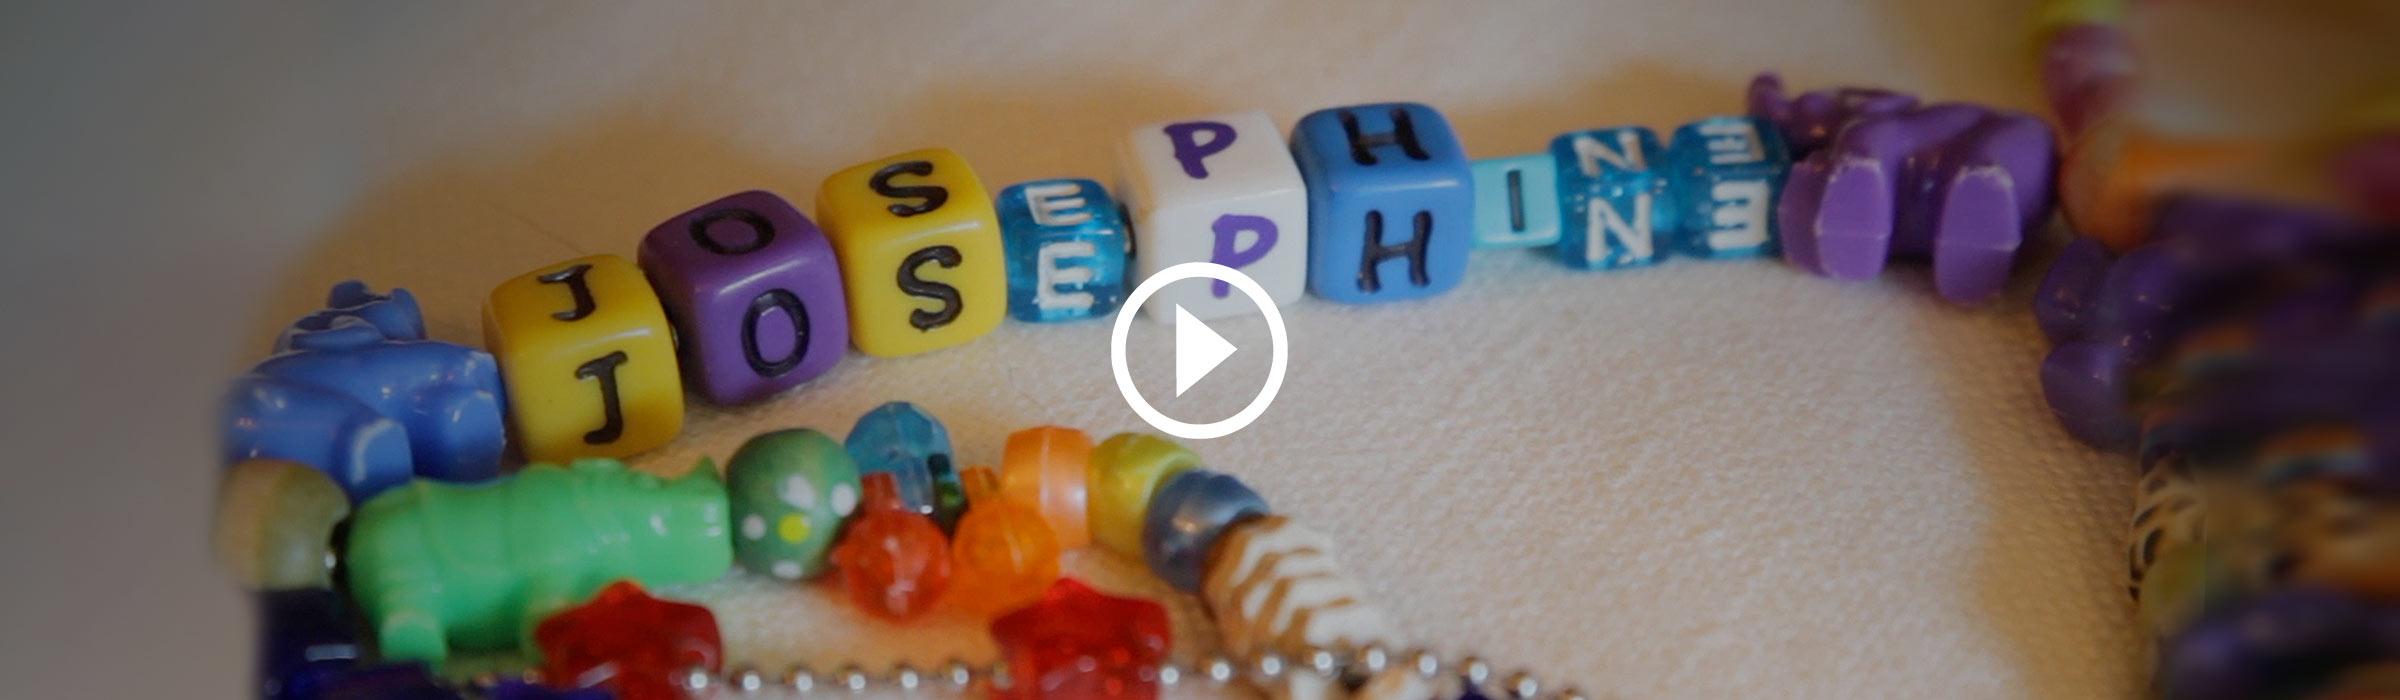 OurKids-Josephine-Header